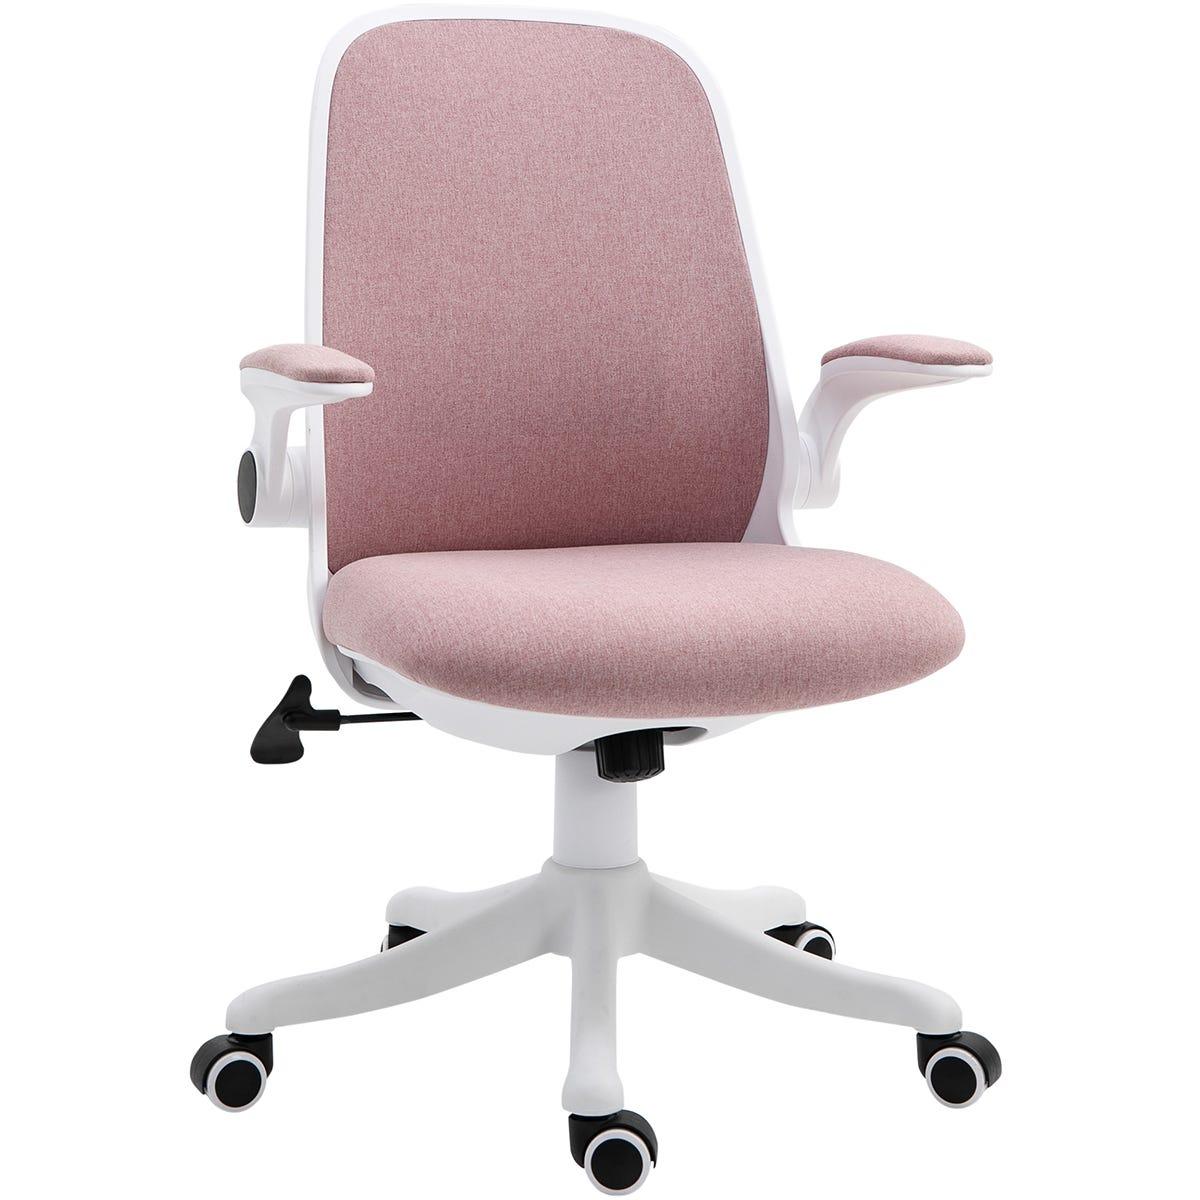 Zennor Hinoki Meshback Cushioned Office Chair - Pink/White